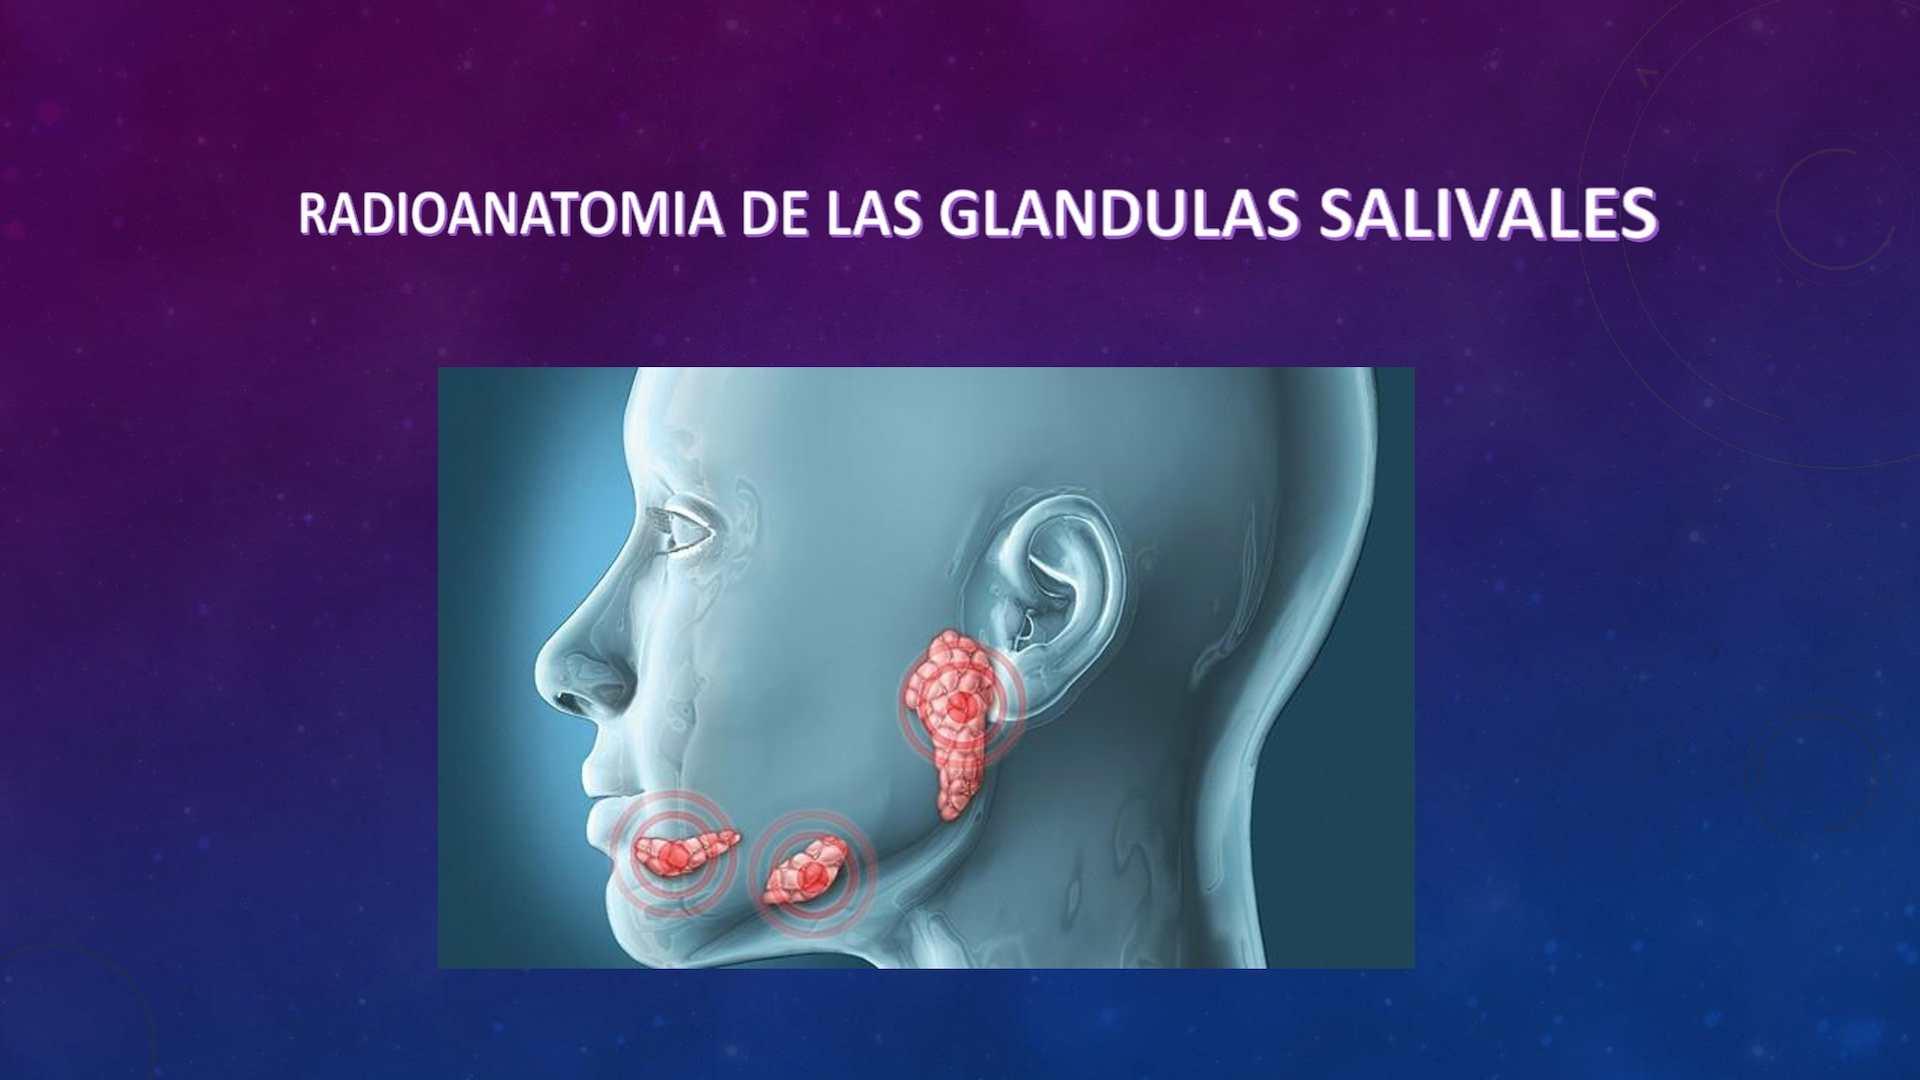 Calaméo - Radioanatomia De Las Glandulas Salivales